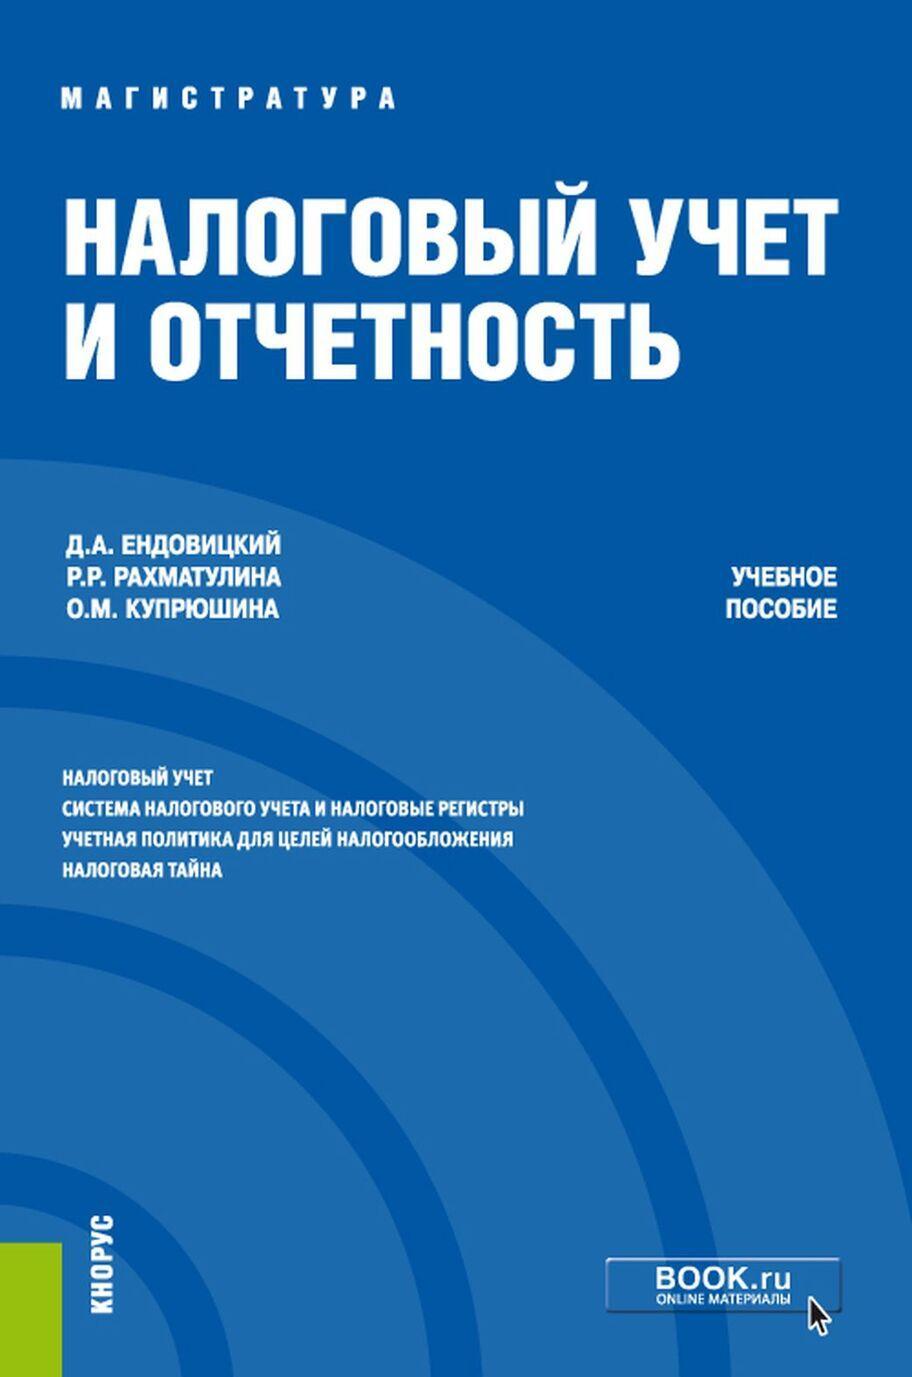 Nalogovyj uchet i otchetnost. Uchebnoe posobie | Endovitskij Dmitrij Aleksandrovich, Rakhmatulina Rimma Ravelovna